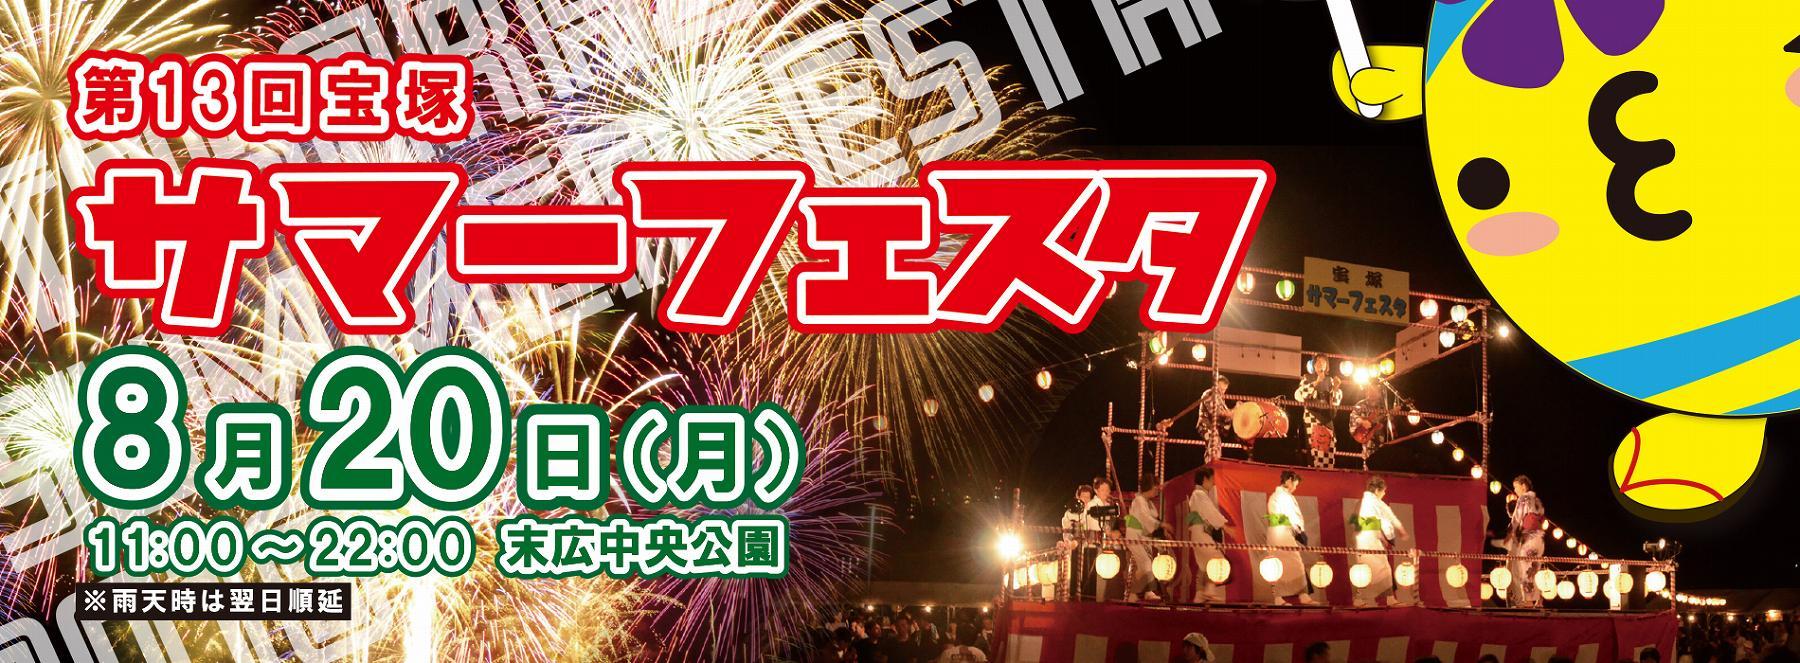 宝塚市の末広中央公園で「宝塚サマーフェスタ2018」が8月20日(月)に開催されるよ! #宝塚サマーフェスタ2018 #宝塚市 #夏祭り #アンパンマン